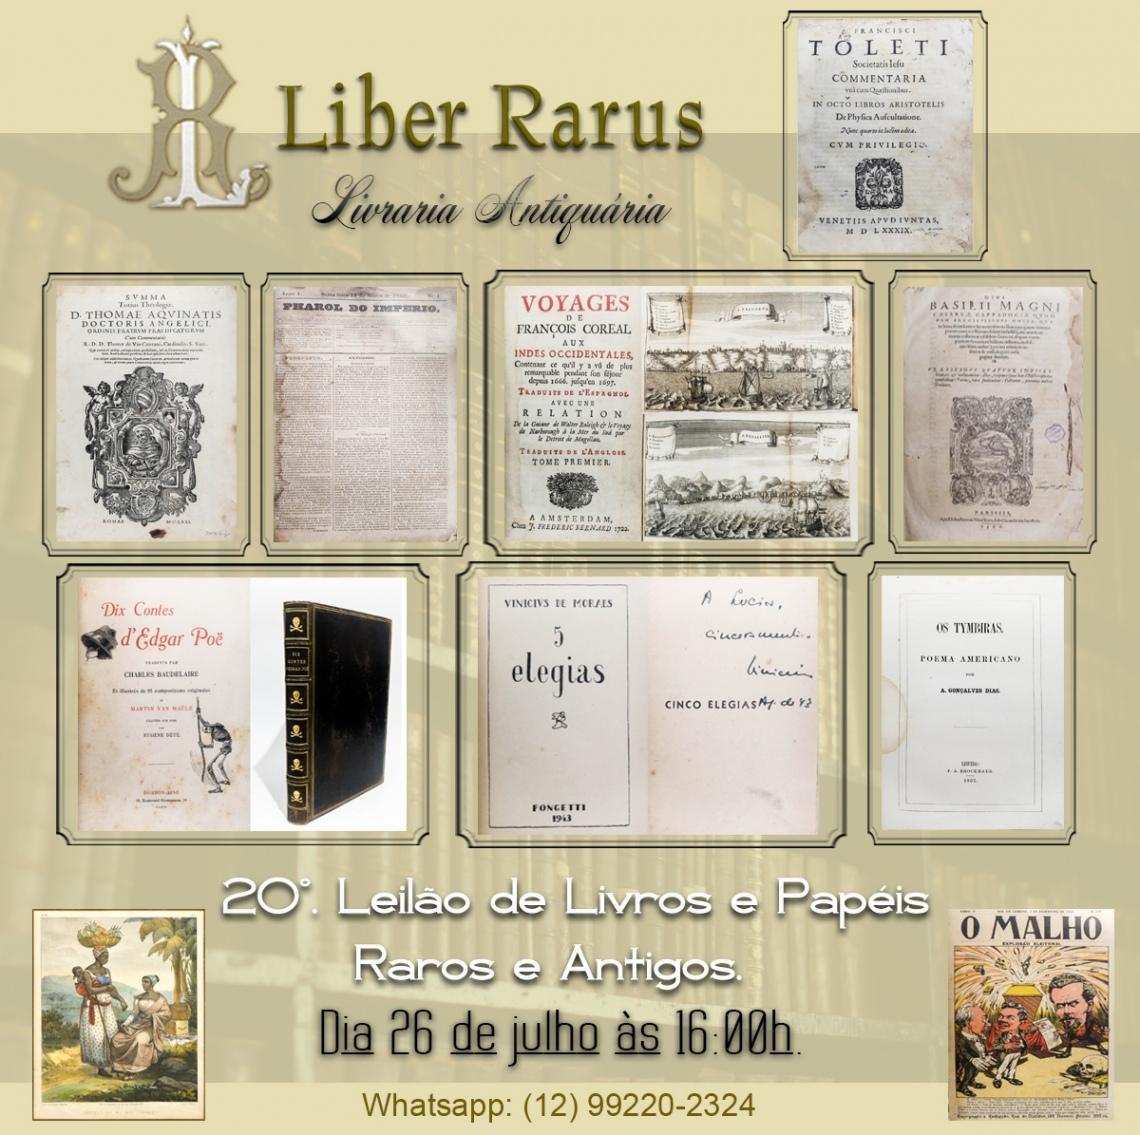 20º Leilão de Livros e Papéis Raros e Antigos - Liber Rarus - 26/07/2021 - 16h00